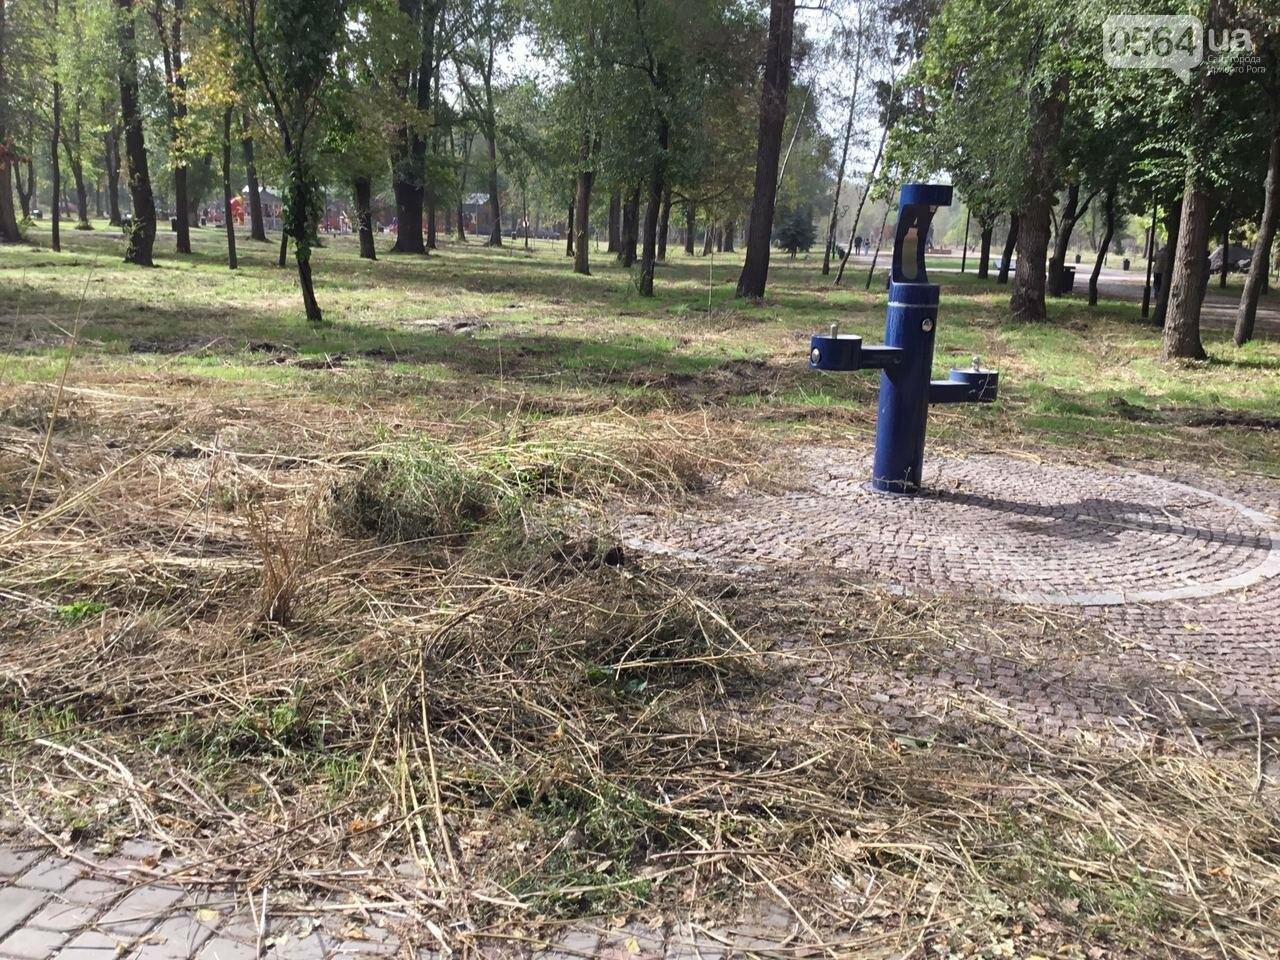 В Гданцевском парке наводят порядок. Как выглядит парк после покоса амброзии, - ФОТО, ВИДЕО, фото-41